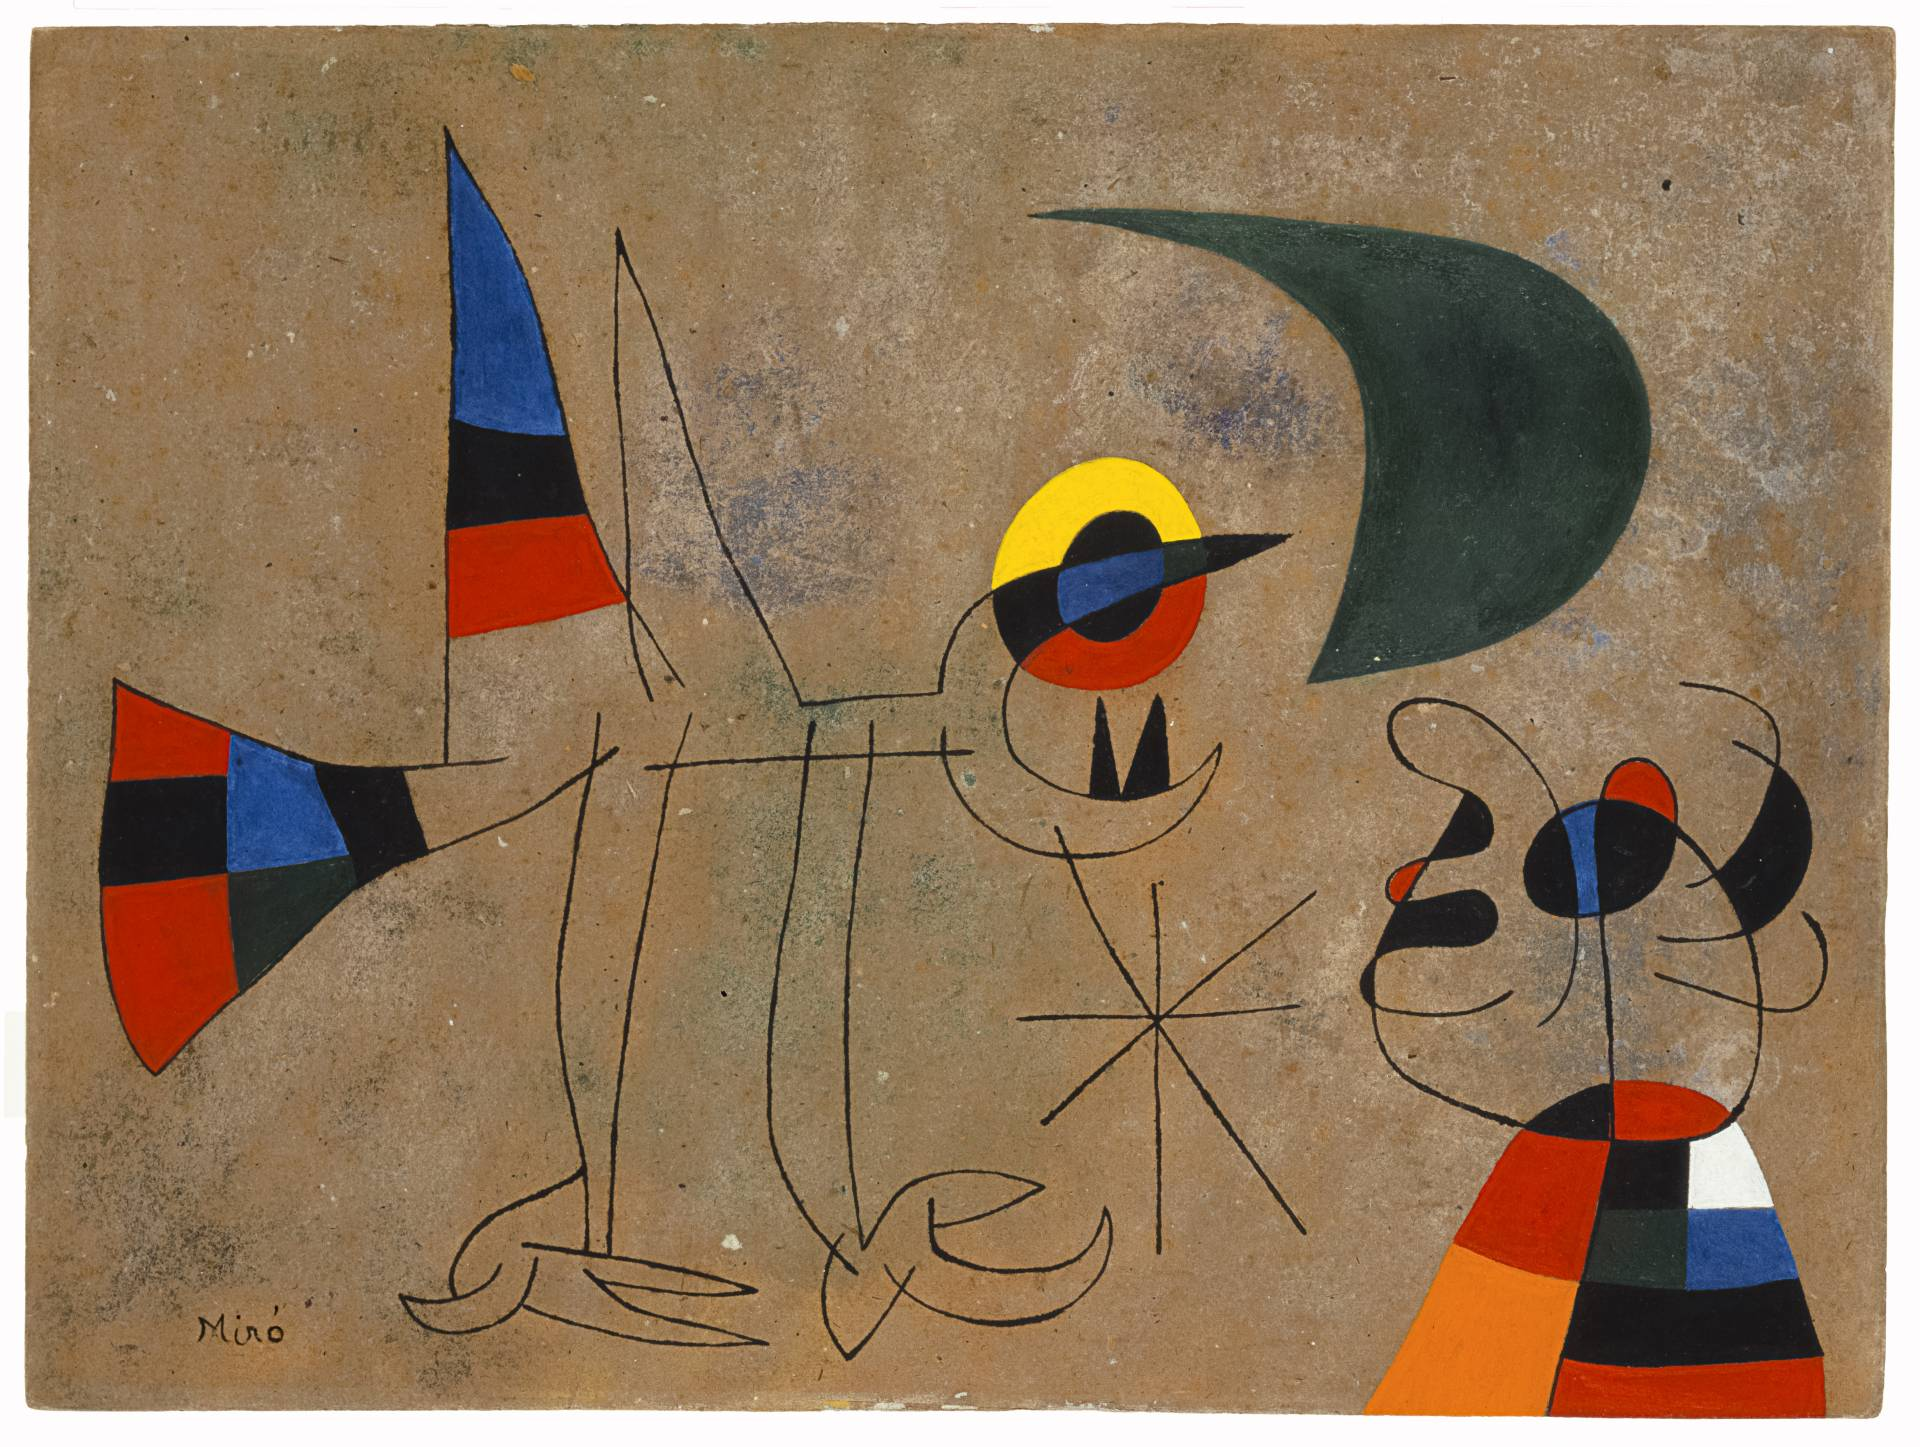 'Pájaro, pareja de personajes, estrella' (1942), de Joan Miró. Lápiz, acuarela y resina sobre papel.